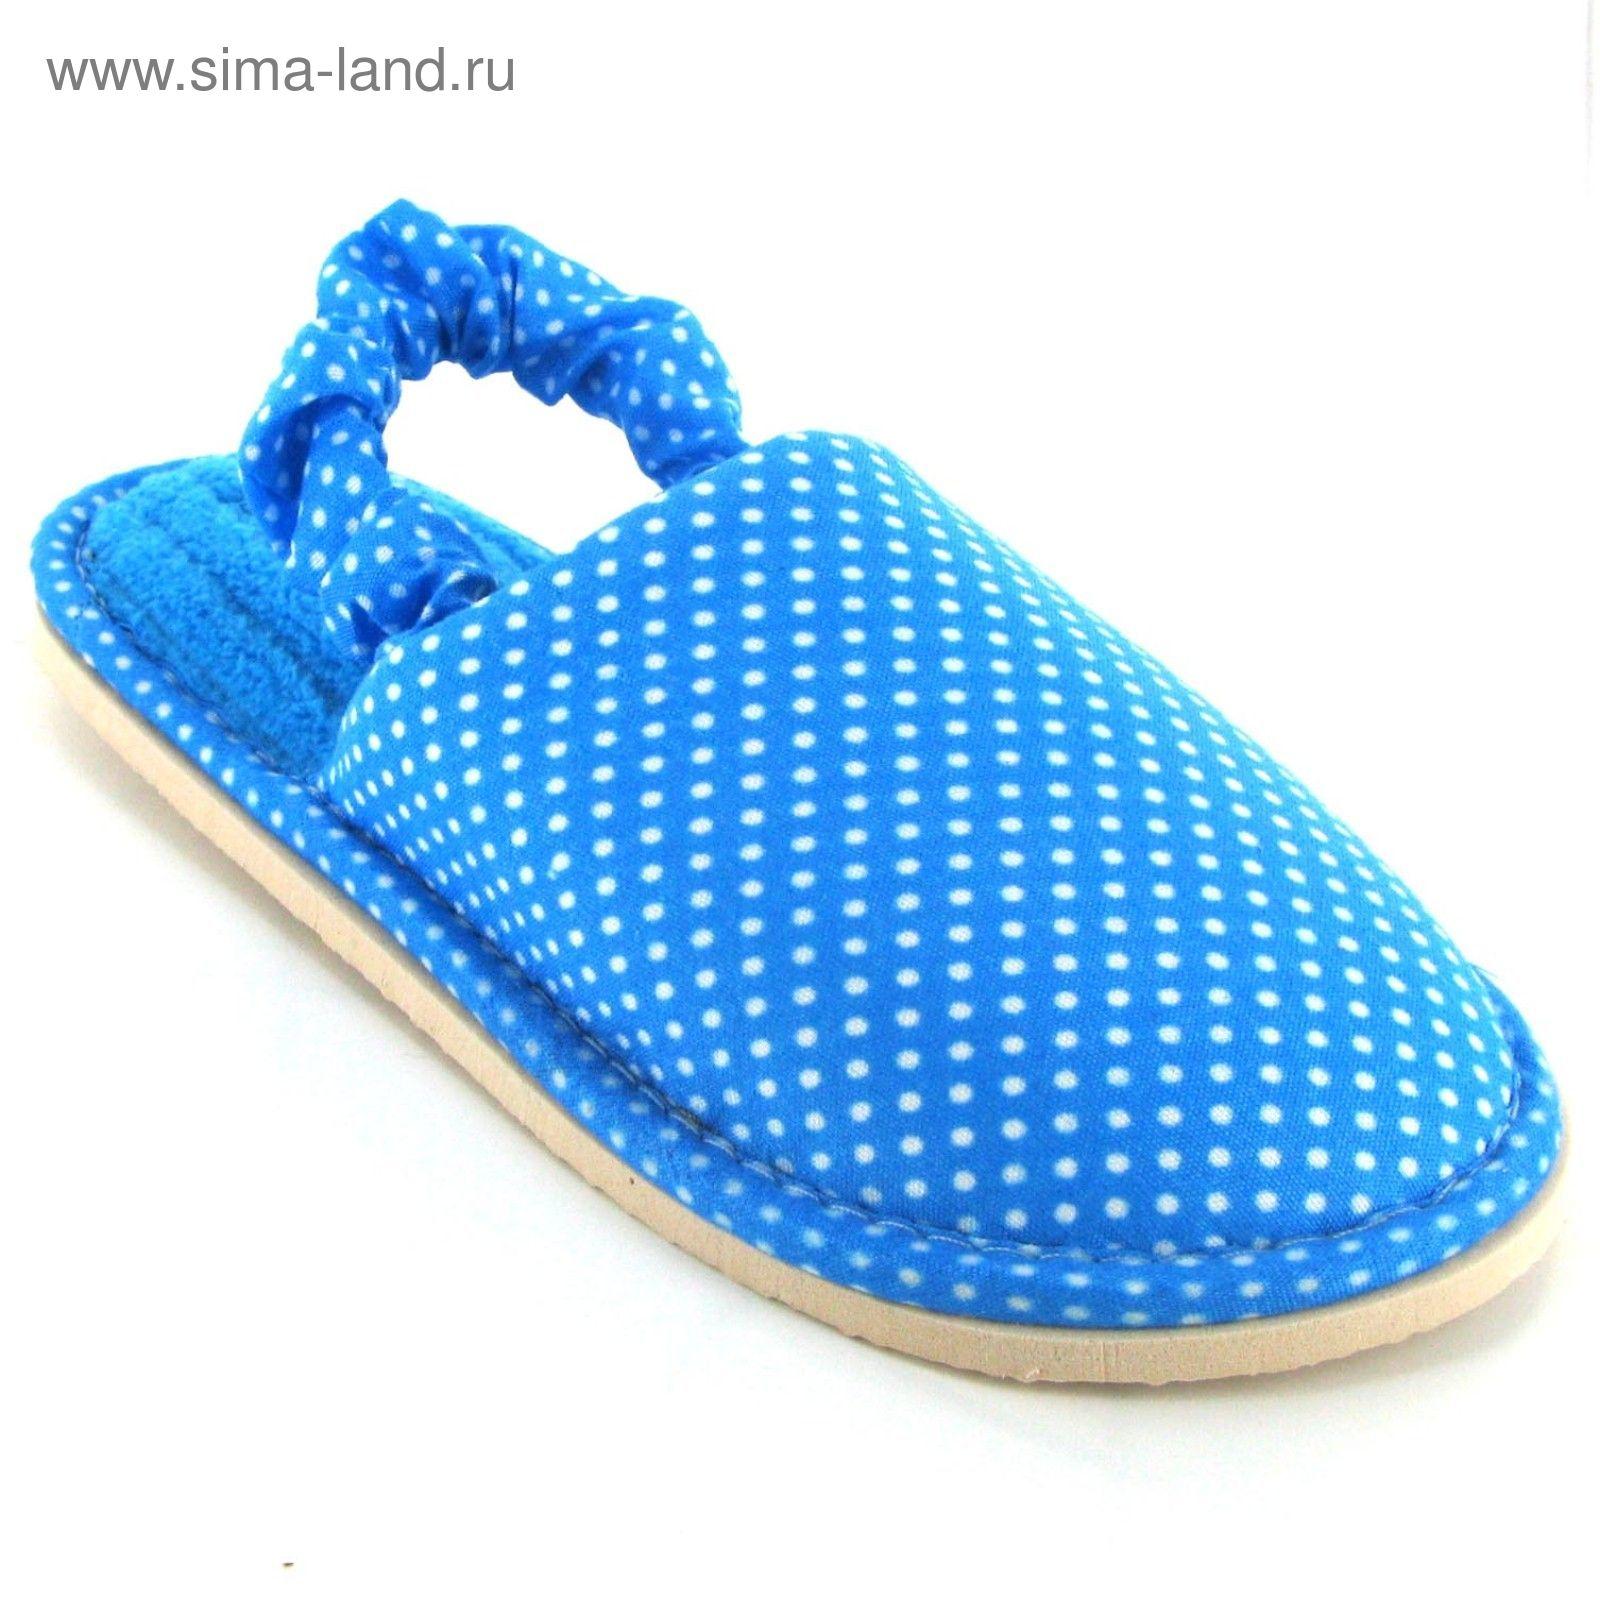 fe9cc2946 Туфли домашние (тапочки) детские Forio, размер 26-31, цвет голубой 136